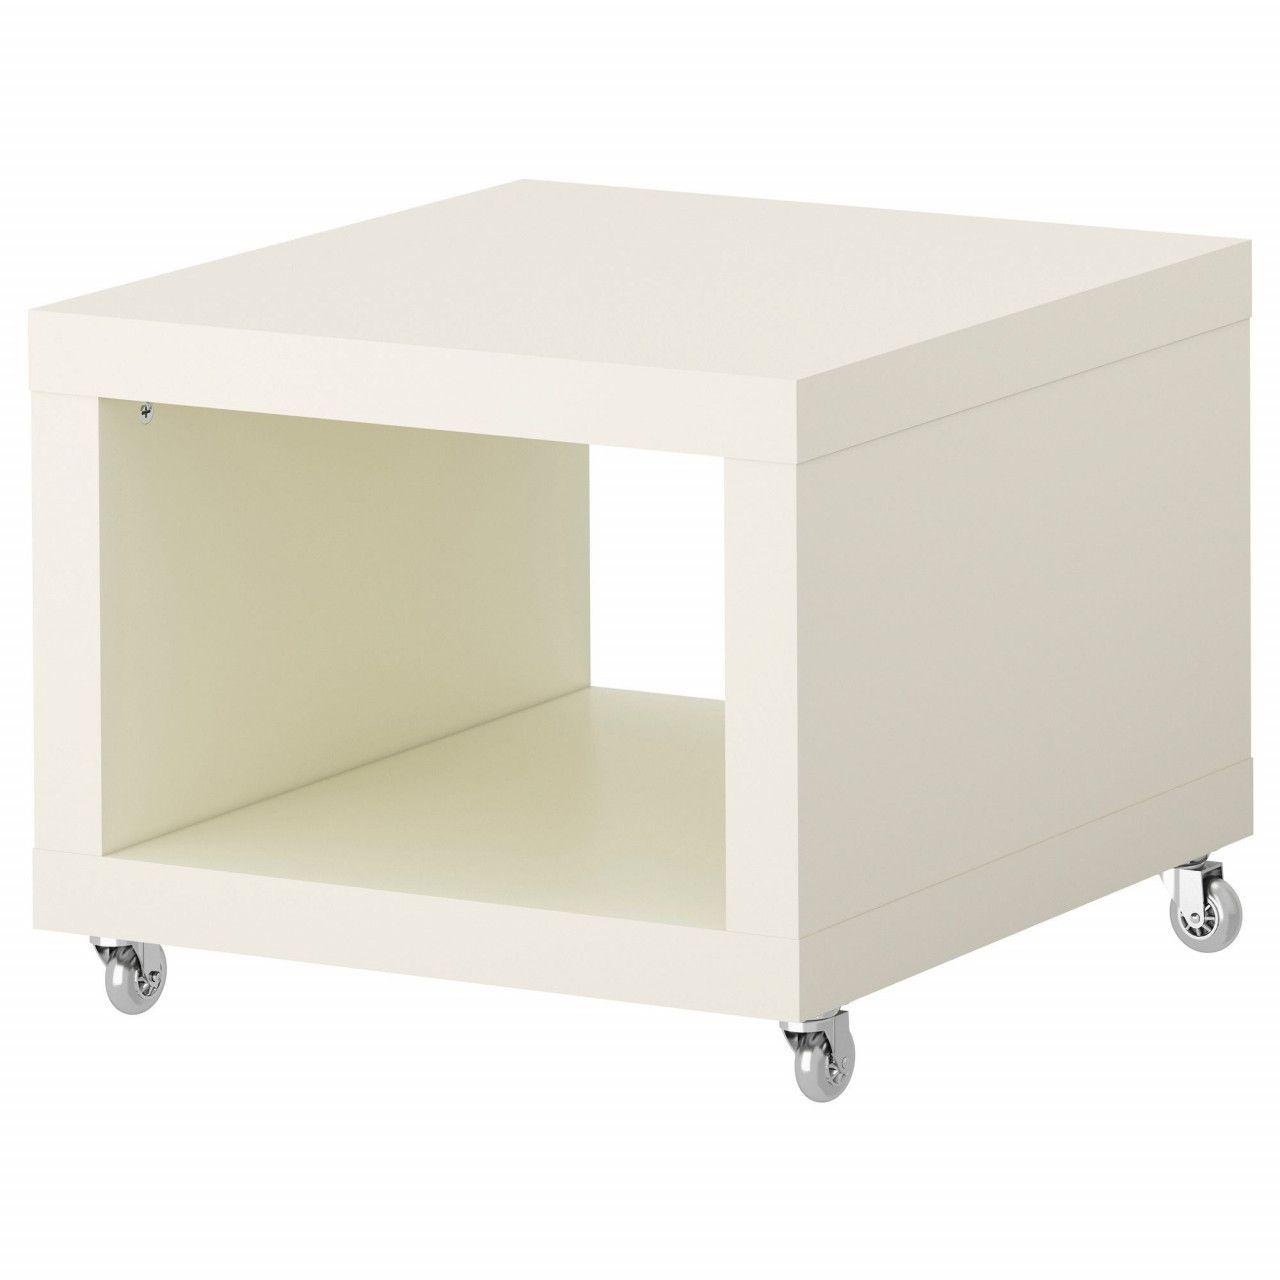 99 Unique Coffee Table On Wheels Ikea 2017 Ikea Side Table Ikea Lack Side Table Wood Console Table [ 1280 x 1280 Pixel ]